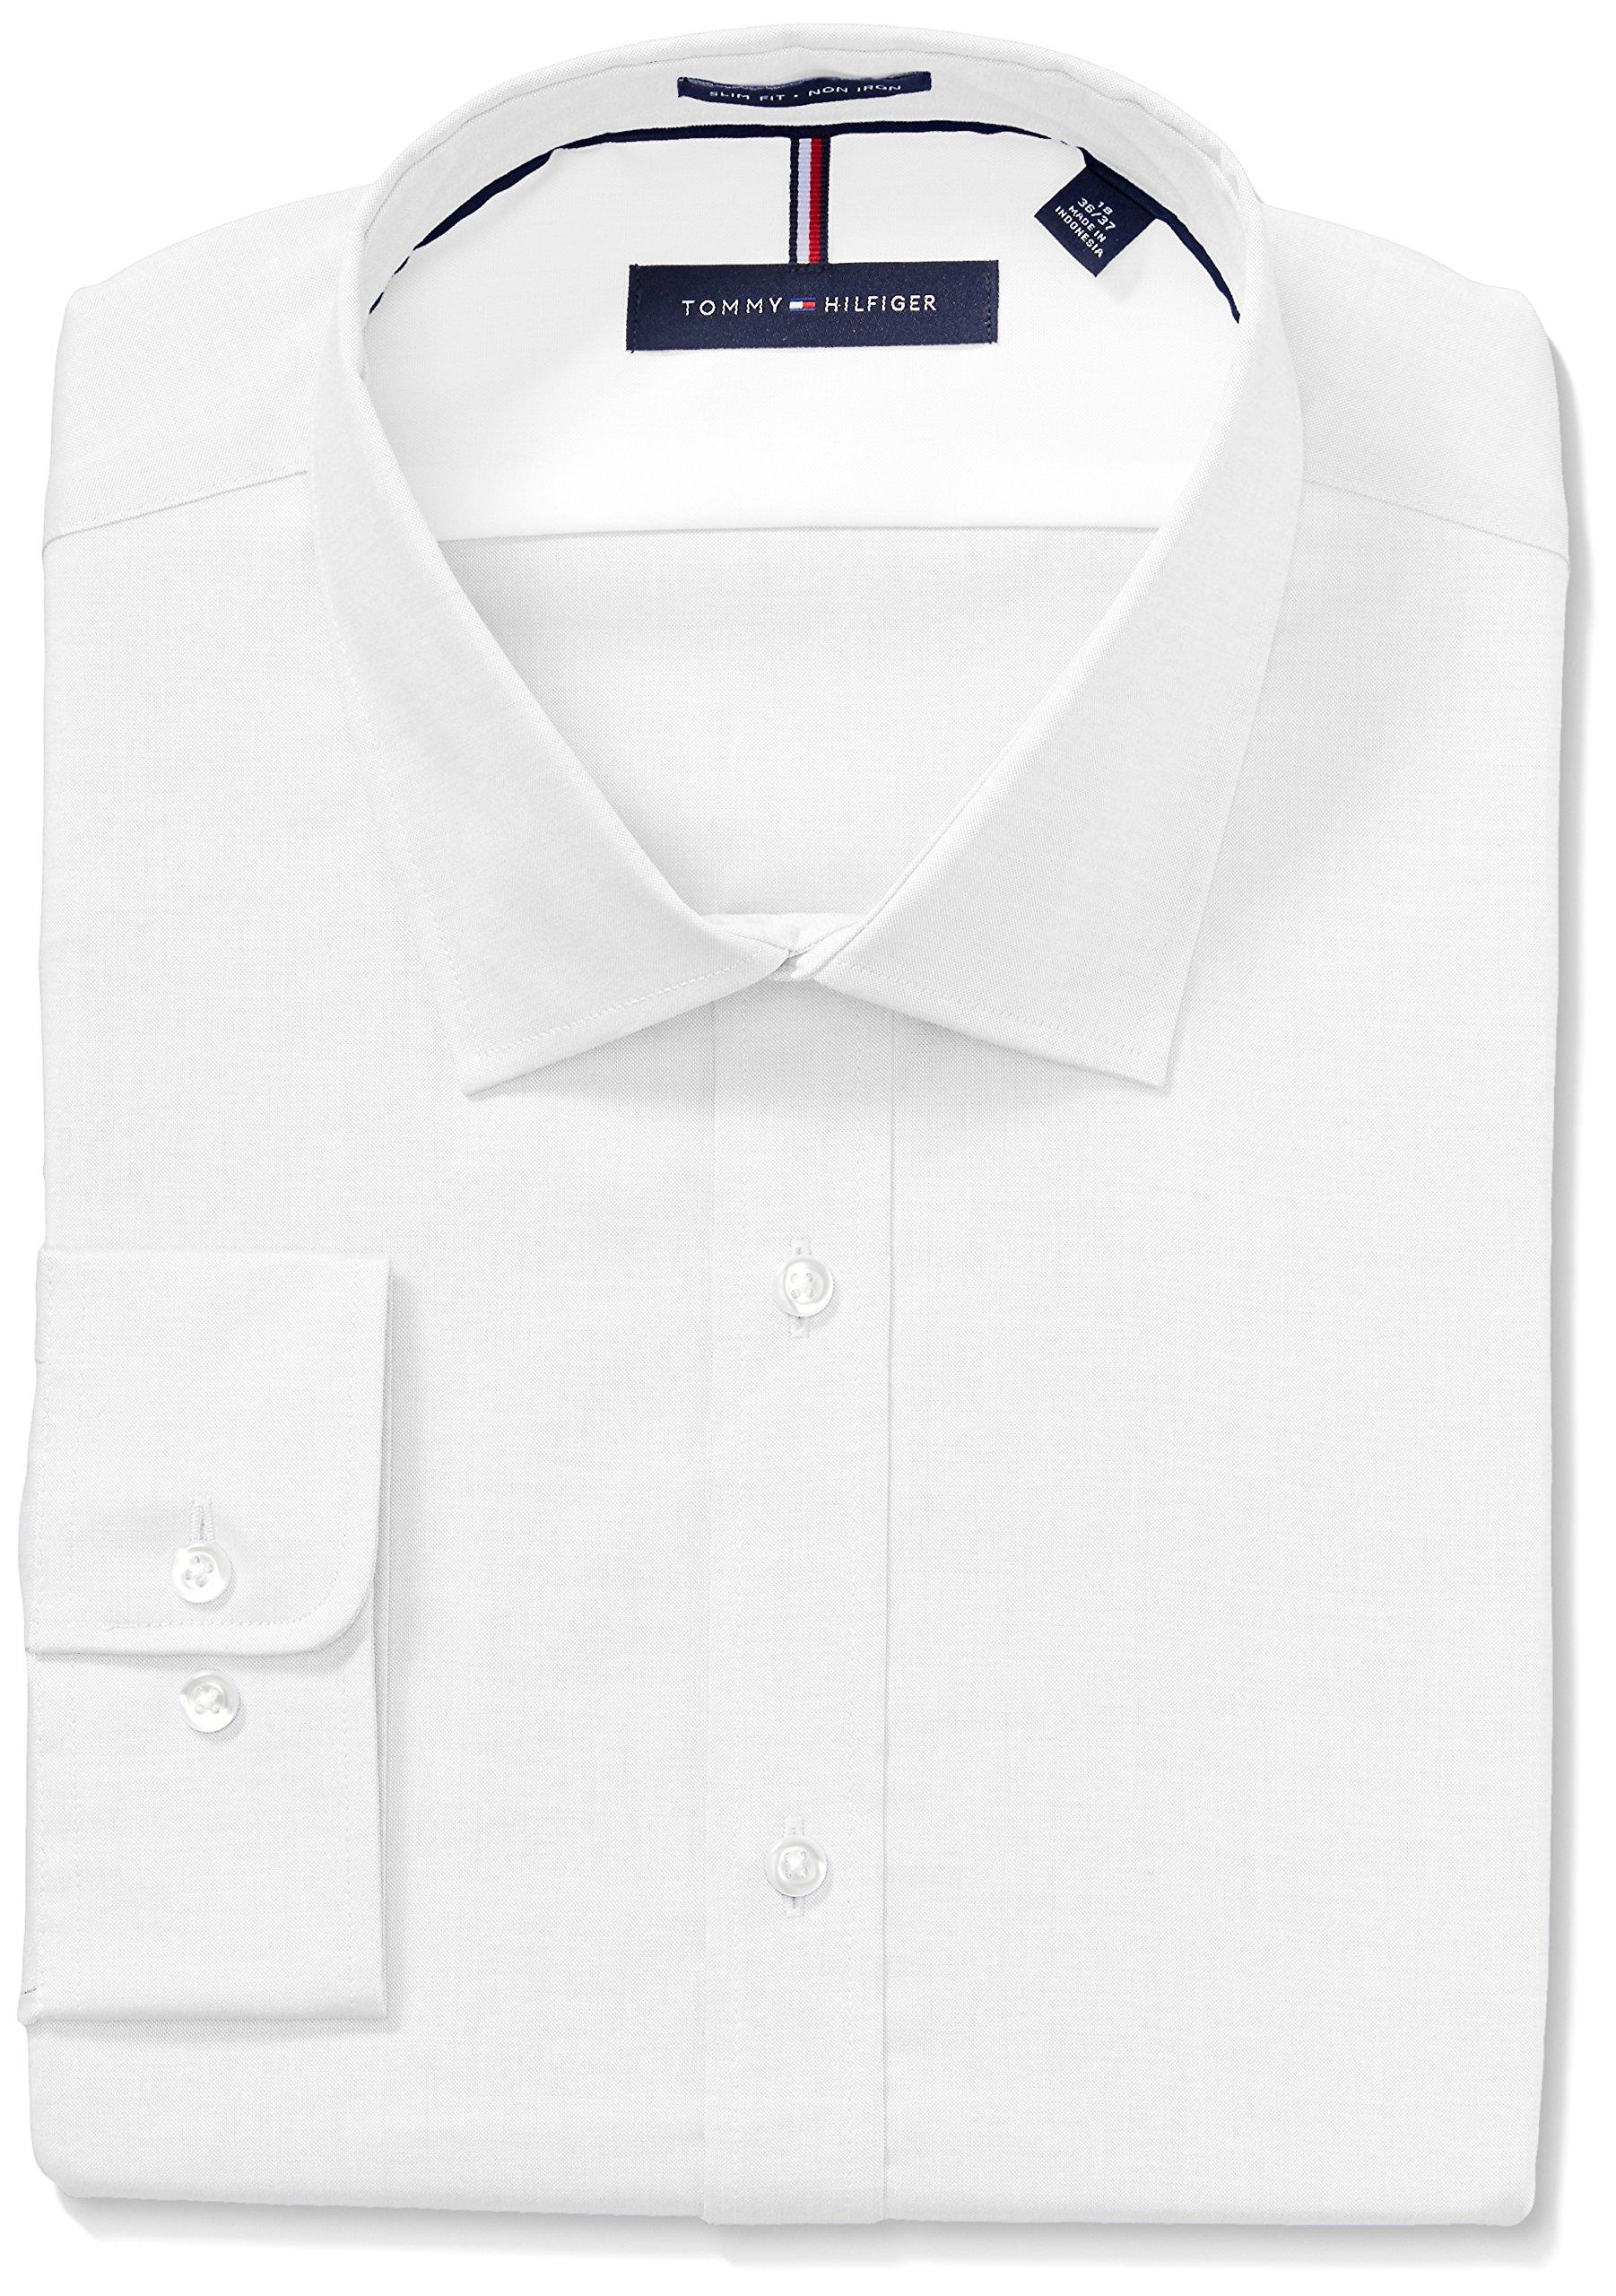 971af6af Galleon - Tommy Hilfiger Men's Non Iron Slim Fit Solid Spread Collar Dress  Shirt, White, 15